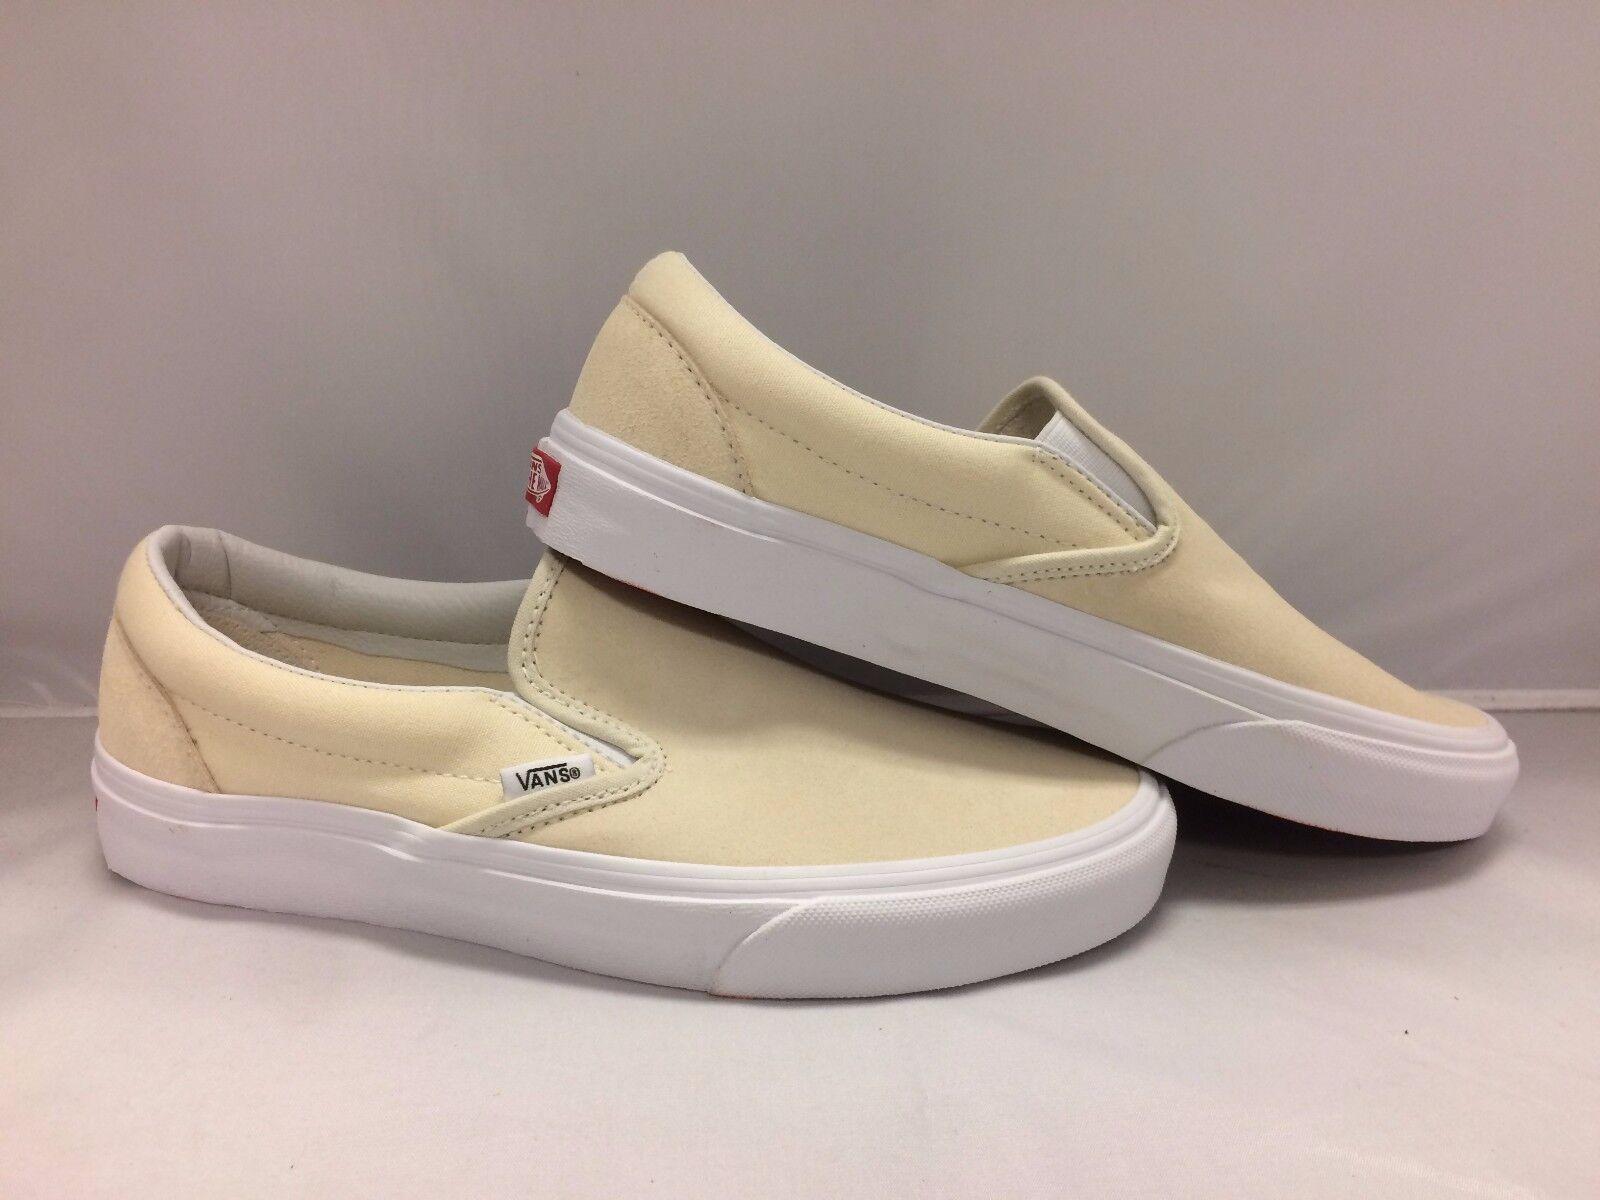 Vans Men's shoes Classic Slip-On -- (Suede  Canvas)--Aftrglwtrwt